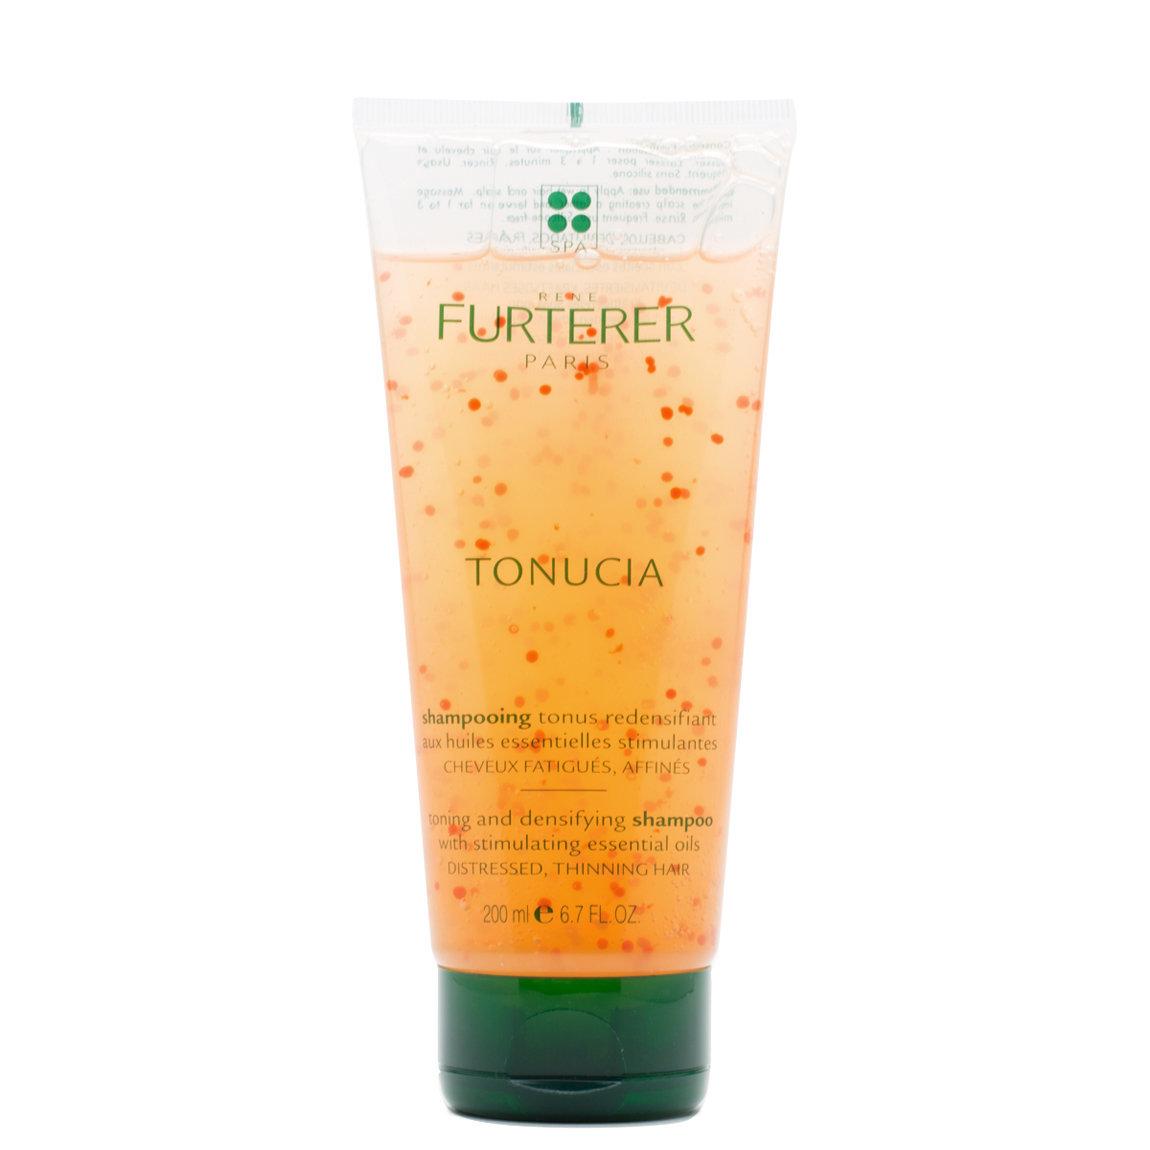 Rene Furterer Tonucia Toning Shampoo product swatch.